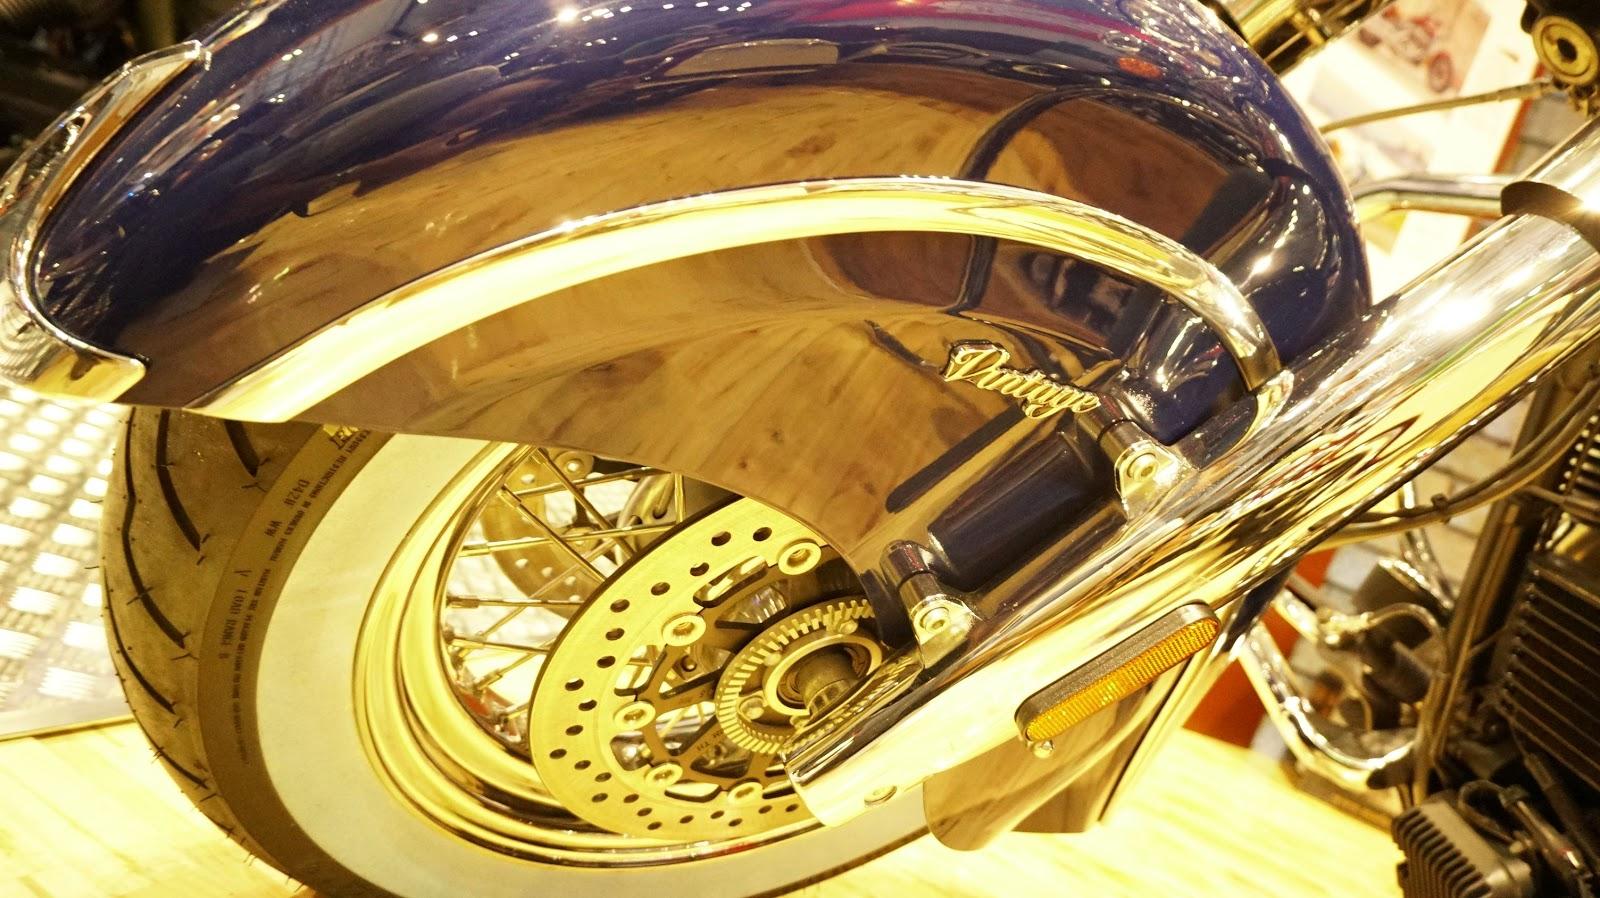 Bánh trước được lắp hai phanh đĩa kèm hệ thống phanh ABS, phuộc hành trình biến thiên 119 mm